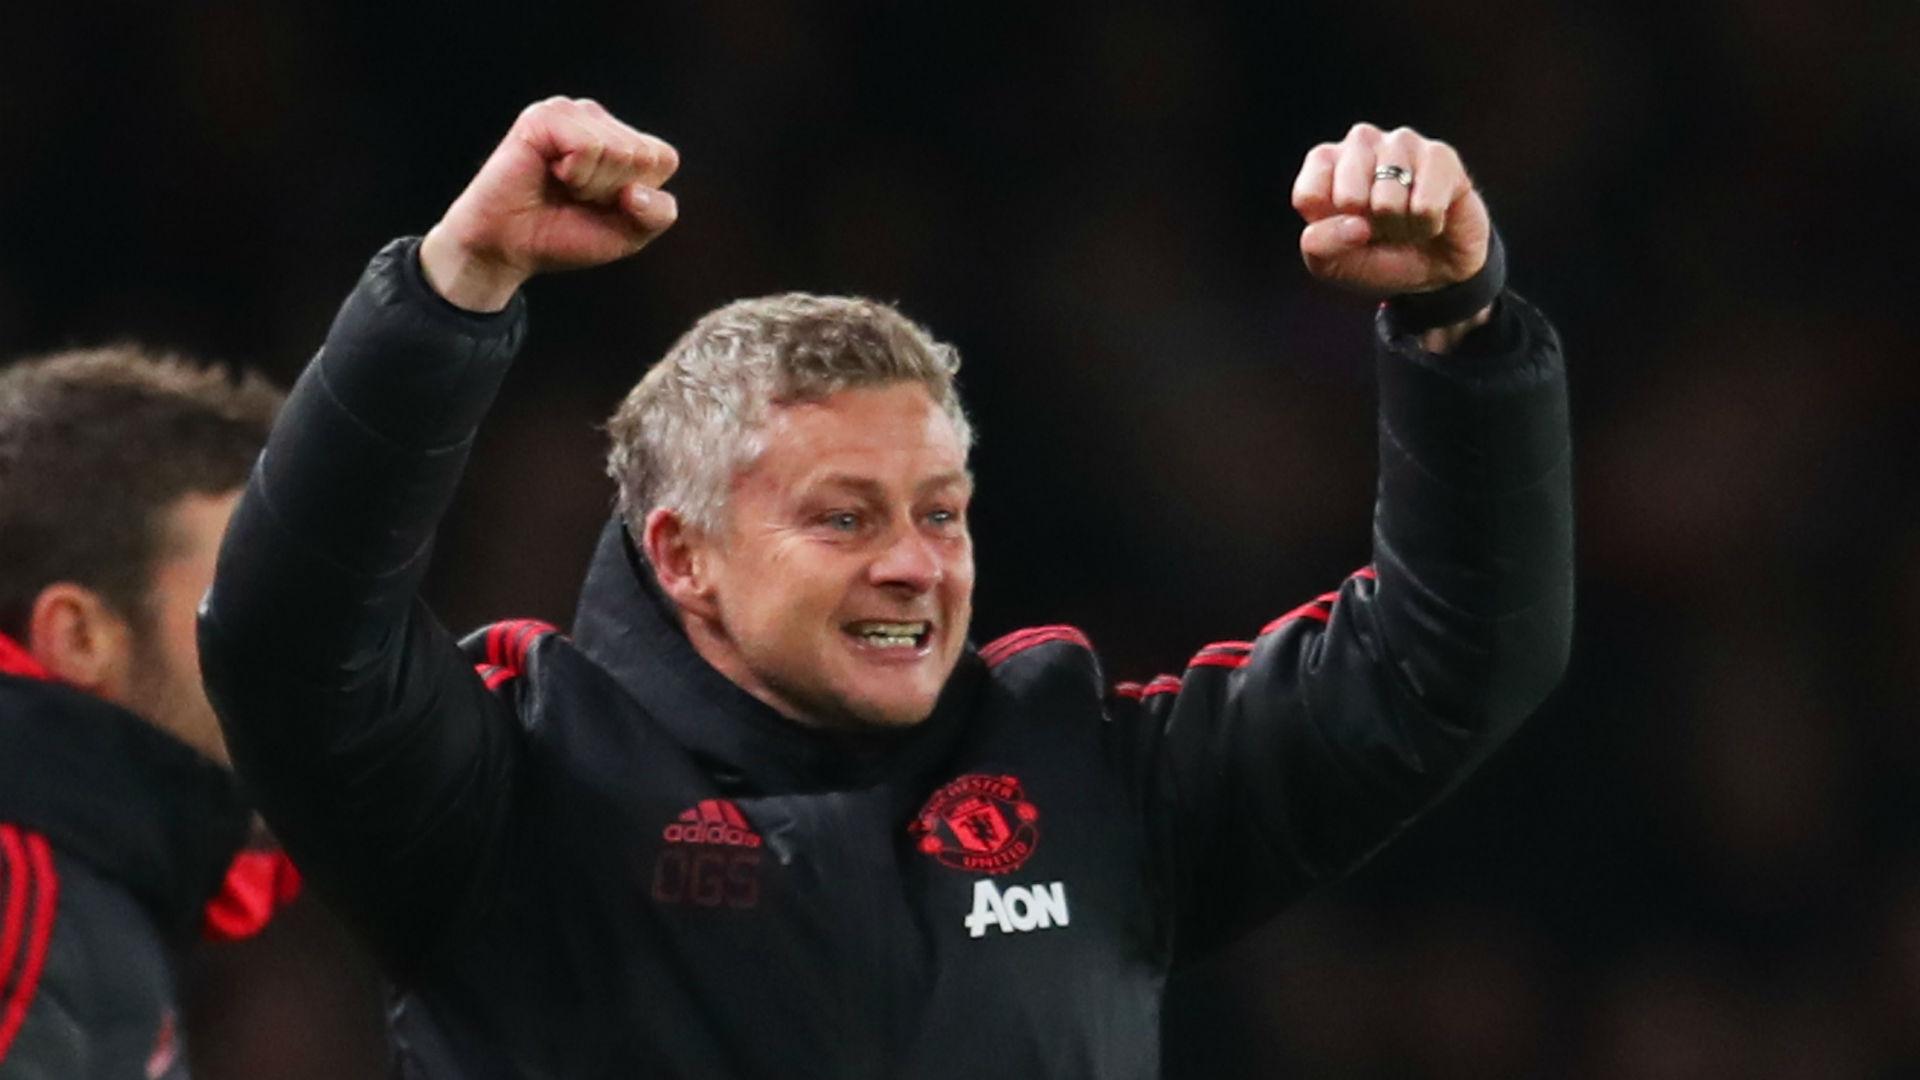 222 milionë euro për Solskjaer nëse emërohet trajner i Man.United